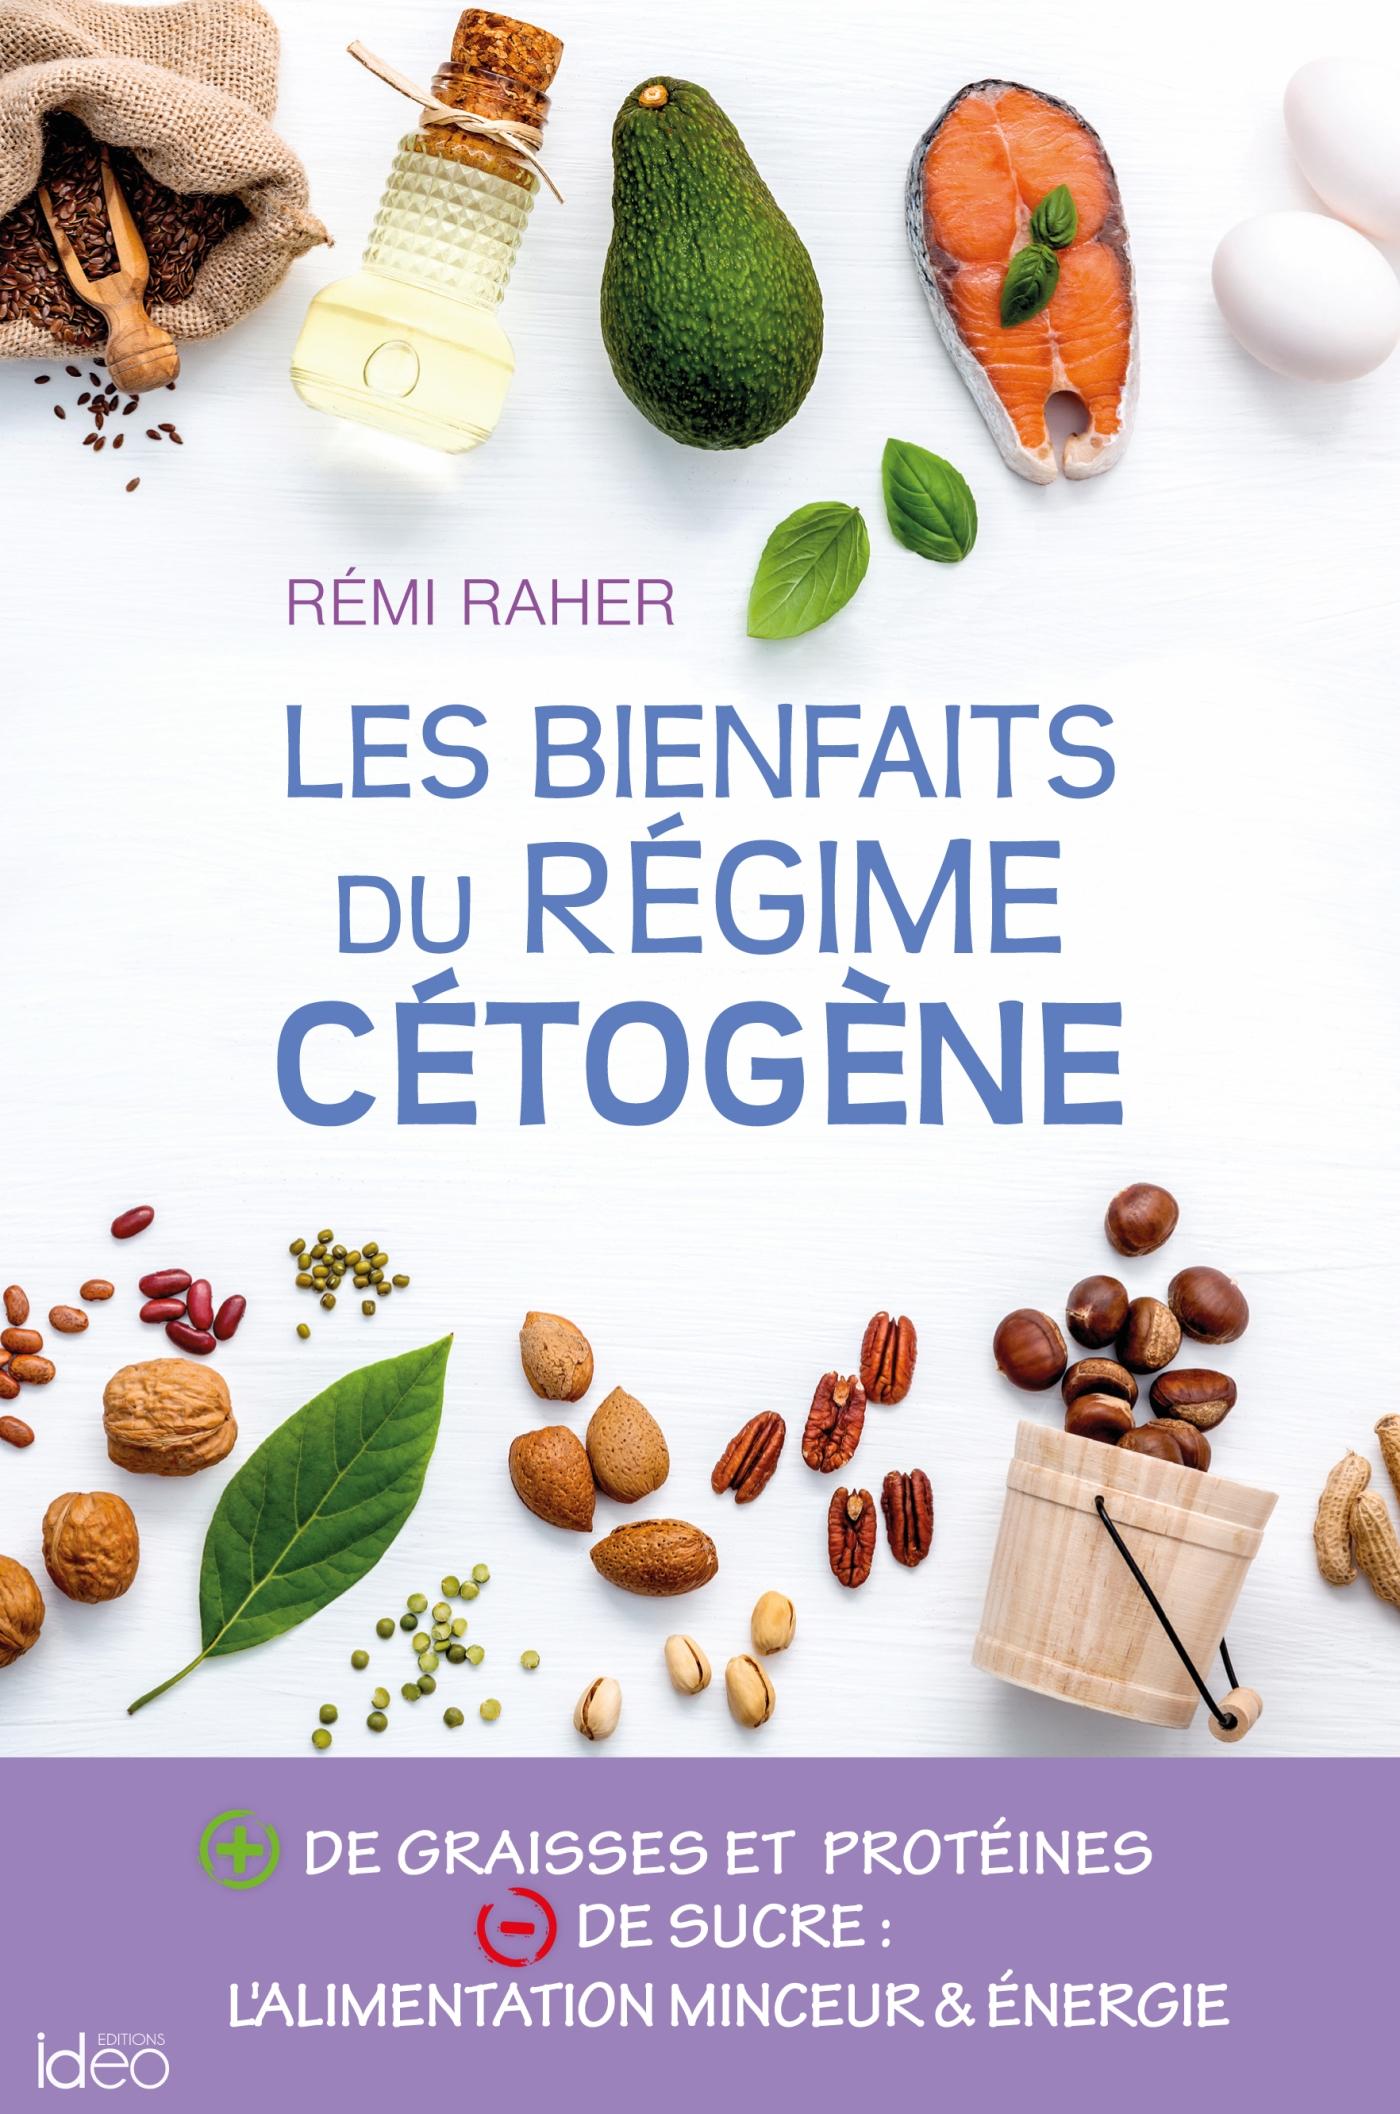 Les bienfaits du régime cétogène